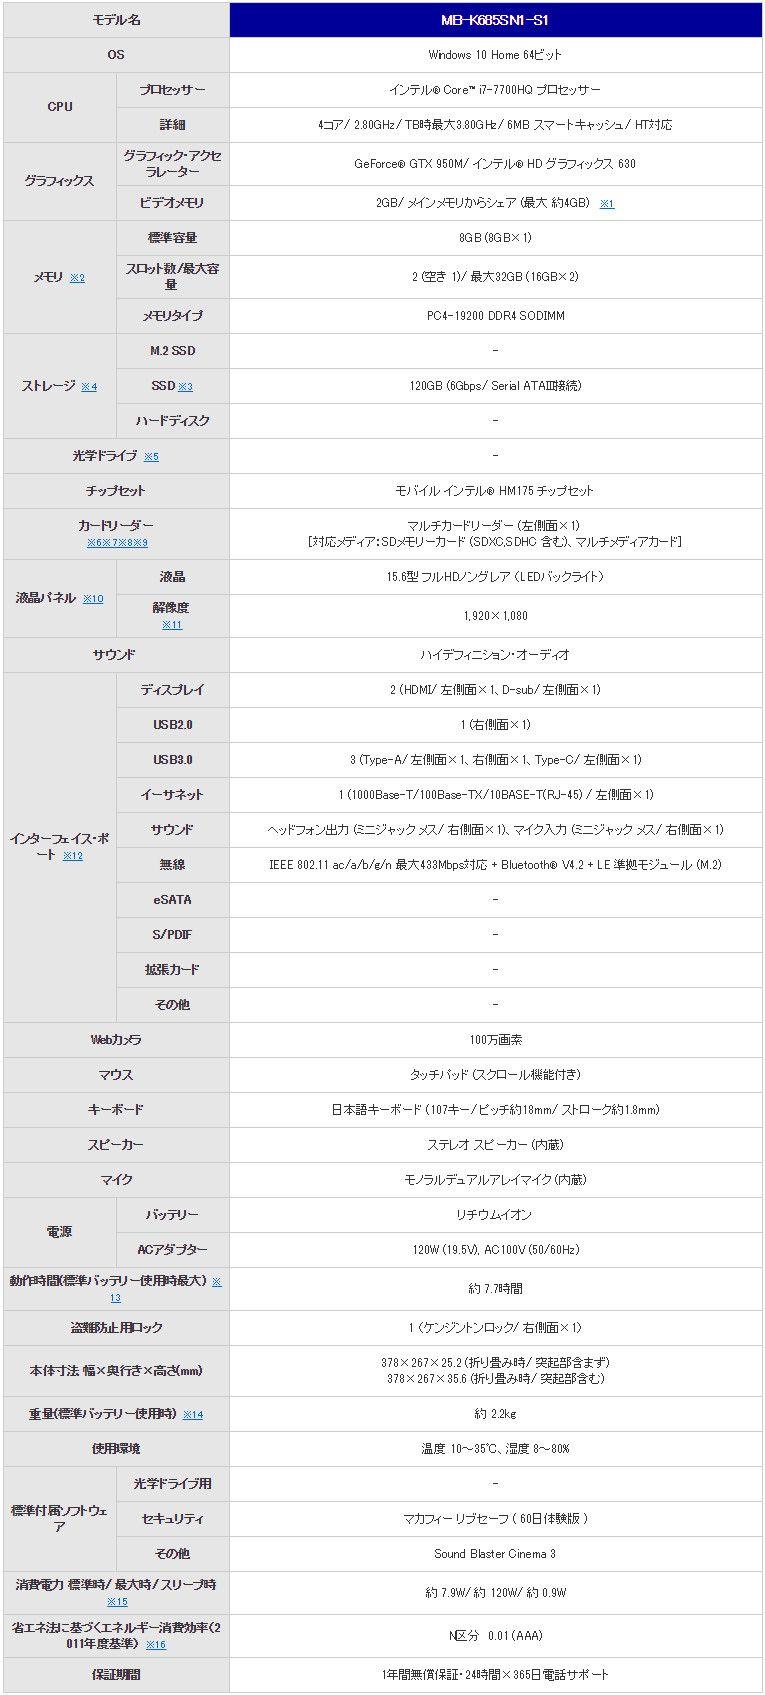 マウス m-Book Kシリーズ スペック表